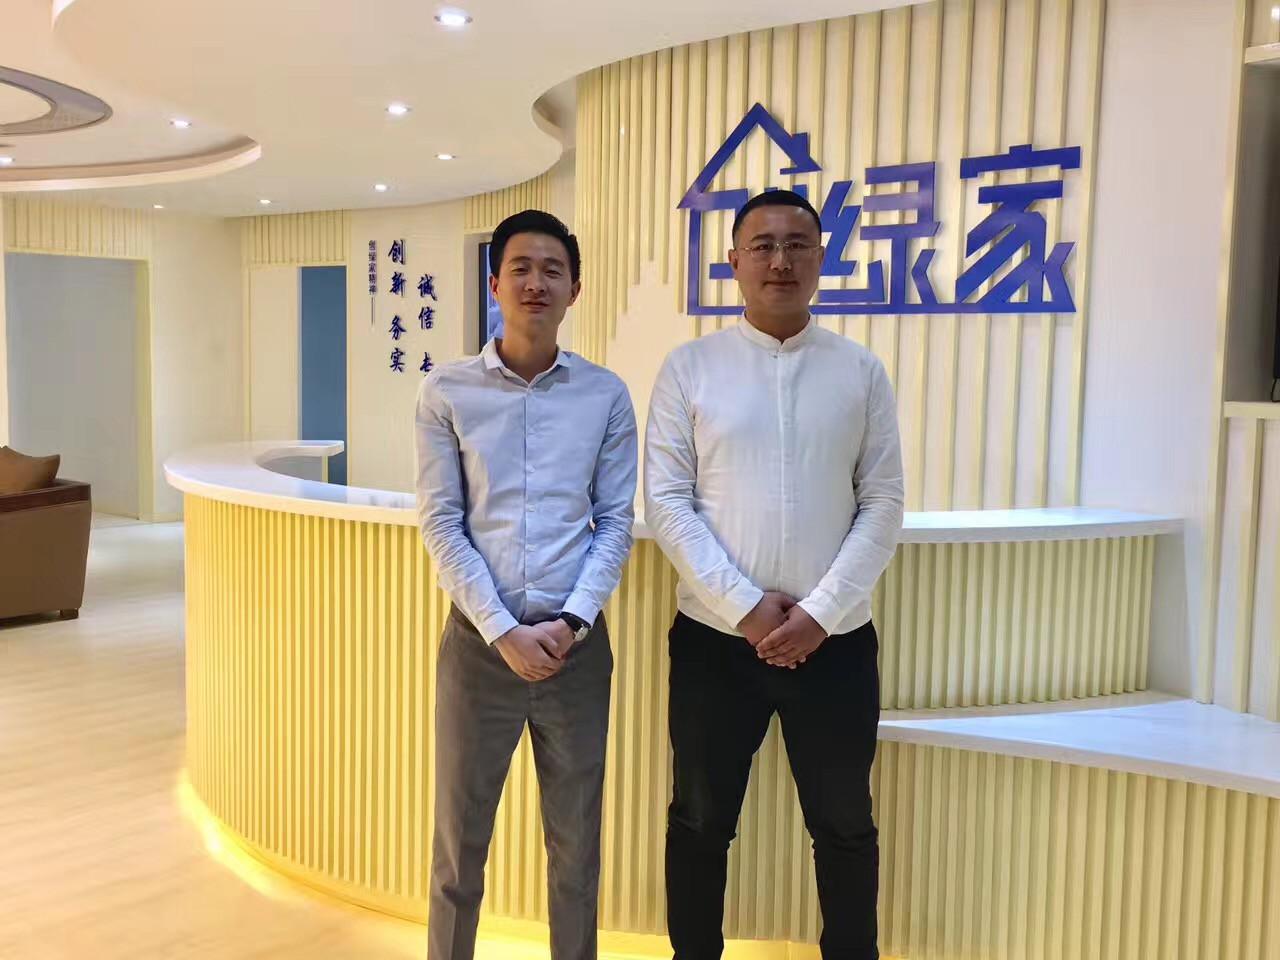 热烈祝贺创绿家空气治理青岛服务中心新落成!